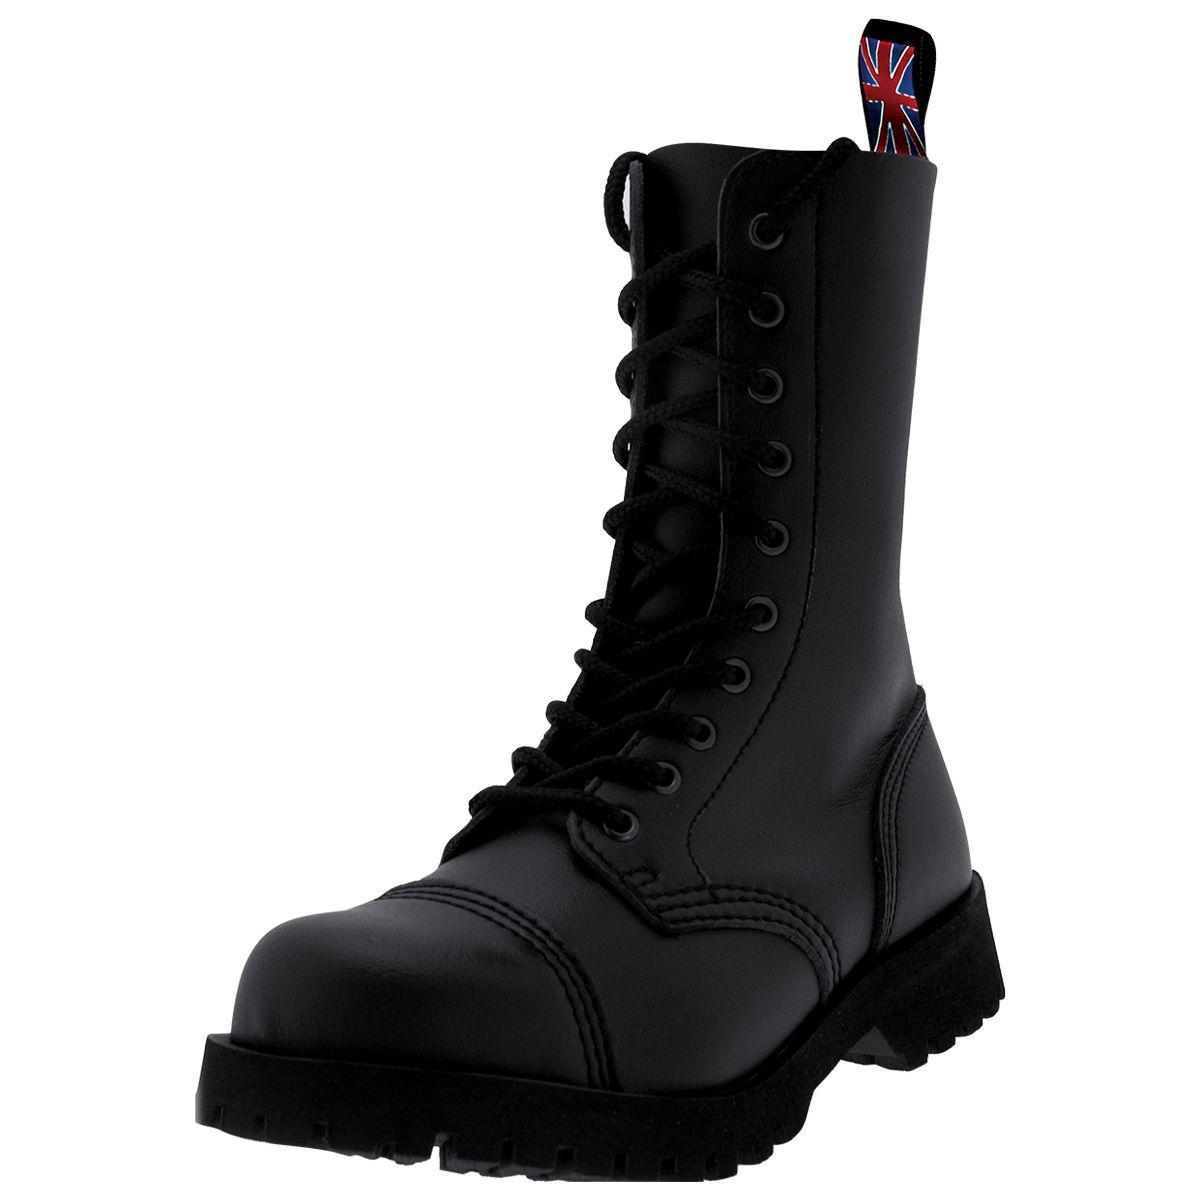 Votre journée - Page 7 NVM09-boots-bottines-chaussures-marques-nevermind-10-holes-mat-